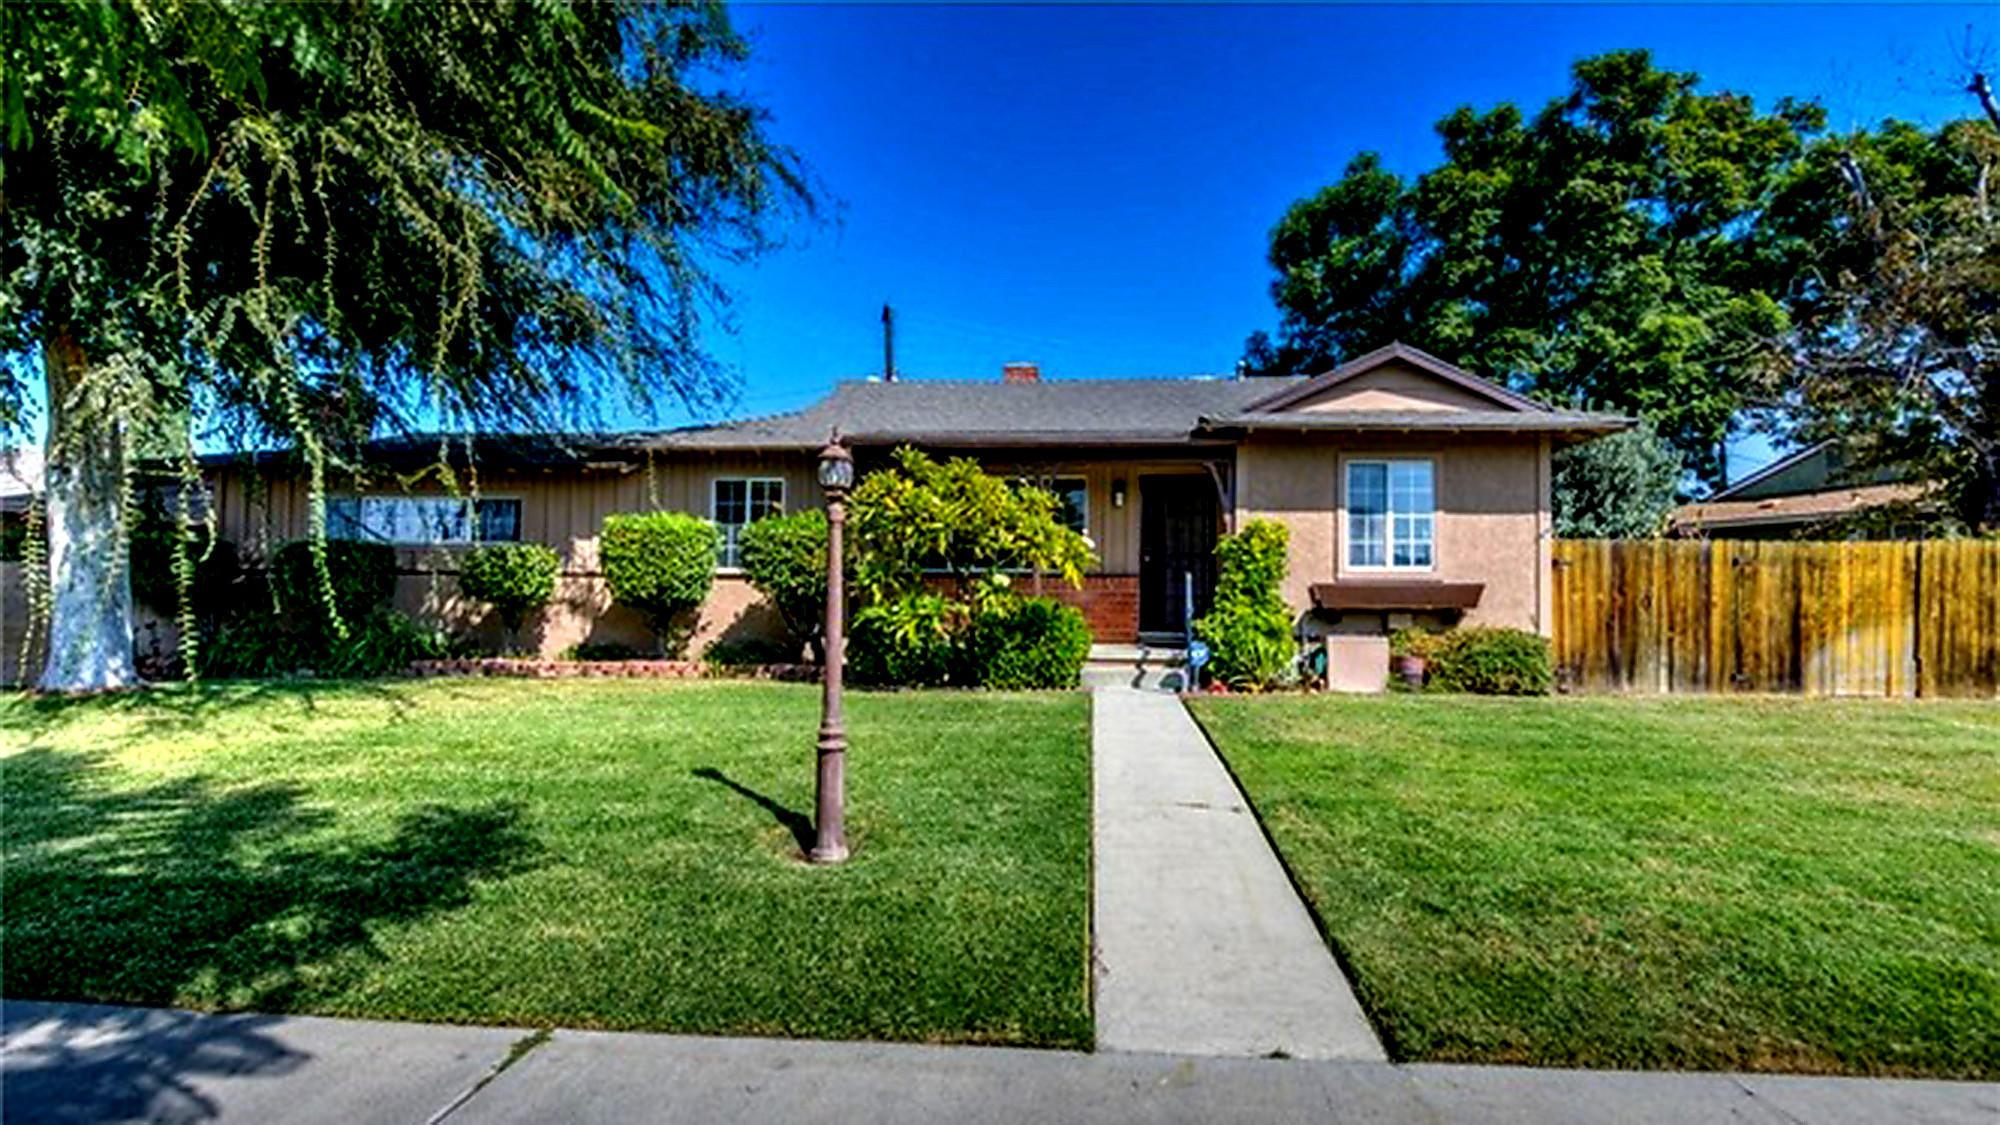 14 Platal Street, Rancho Mission Viejo, CA 92694 (MLS # 300654916)